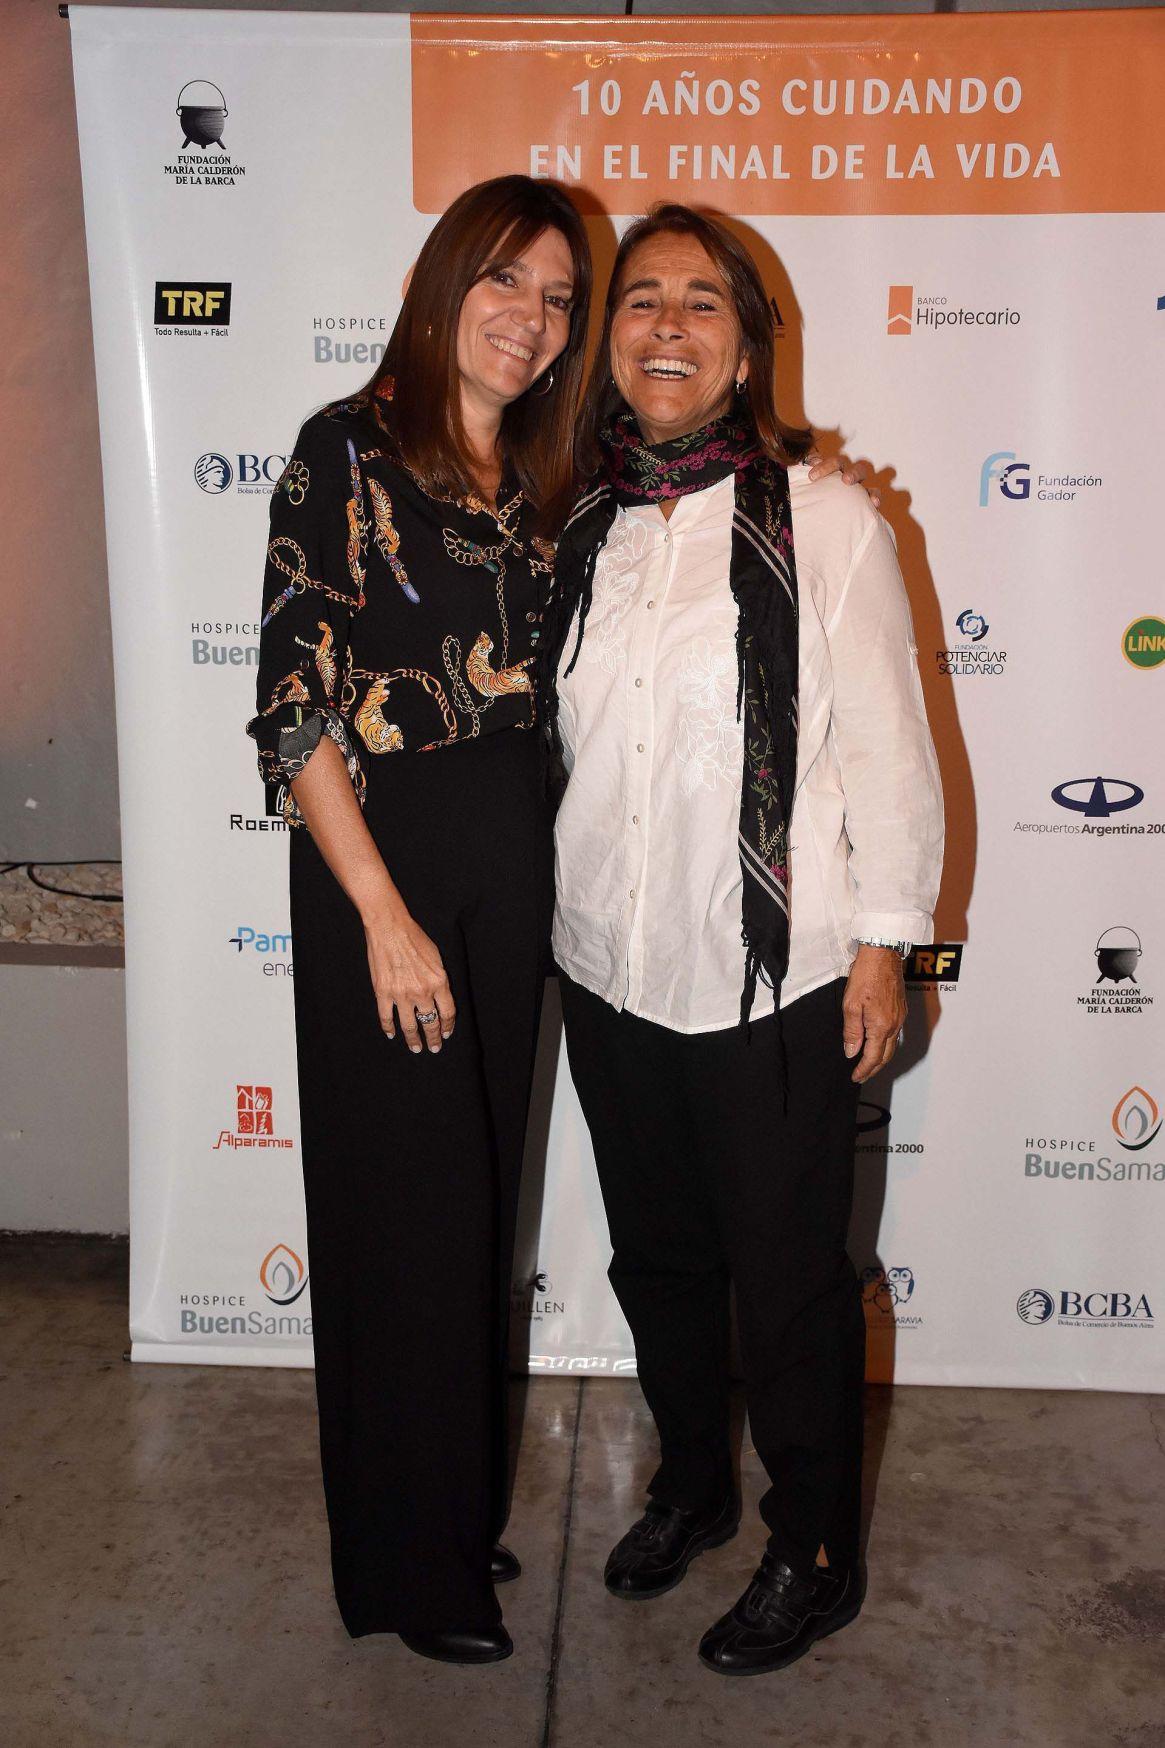 Marga García Santillan y Poli Menéndez